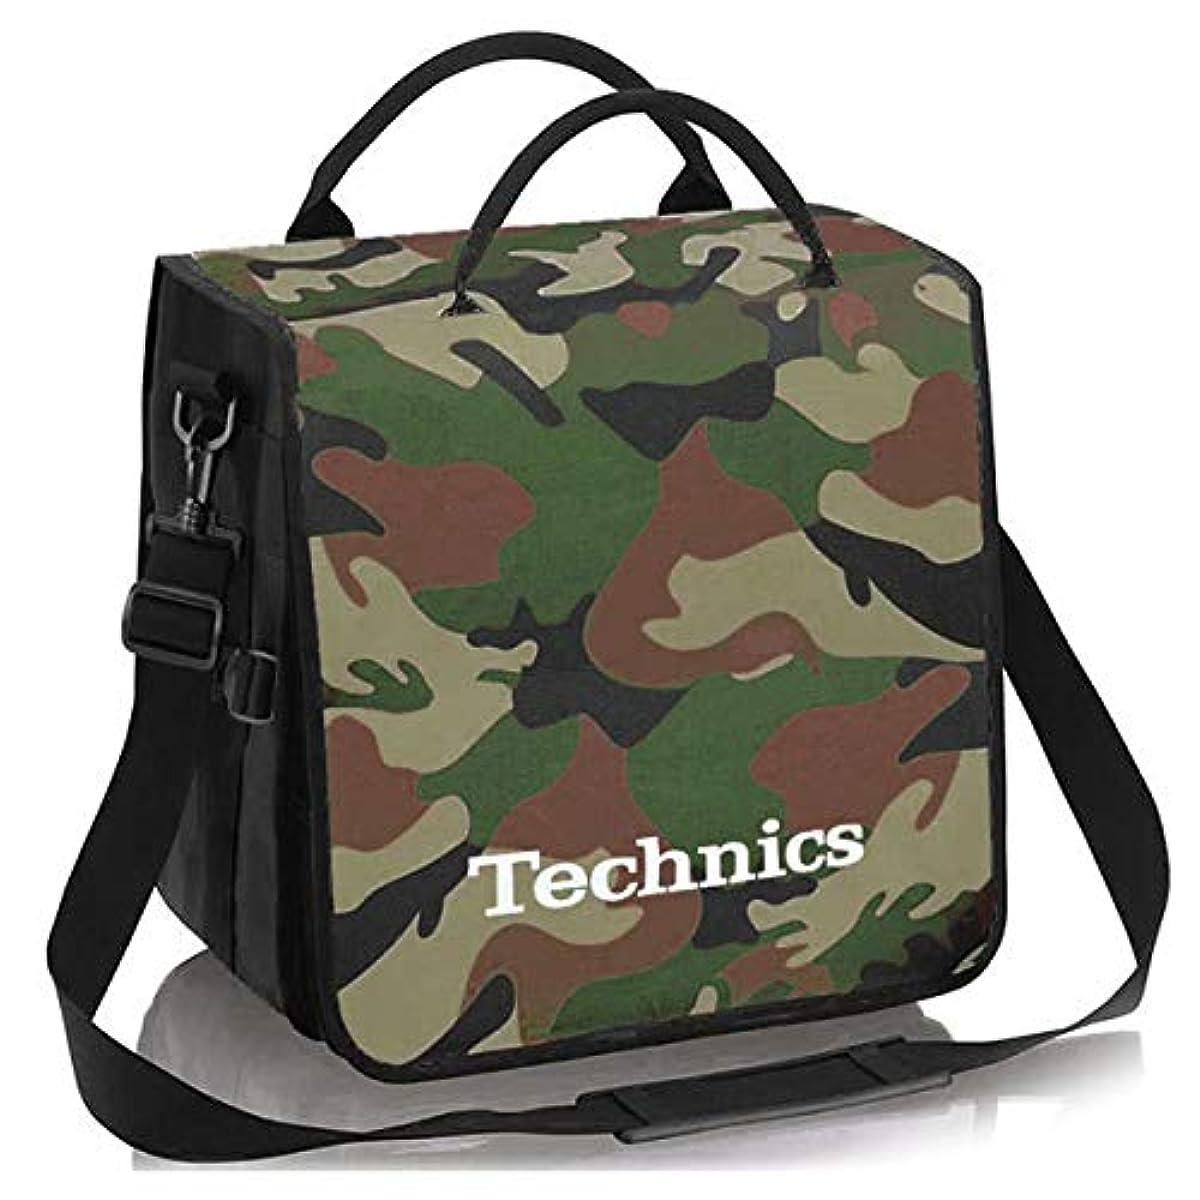 [해외] TECHNICS테크닉스 / BACKBAG CAMOUFLAGE 레코드 약60 매수납가 레코드 화이트